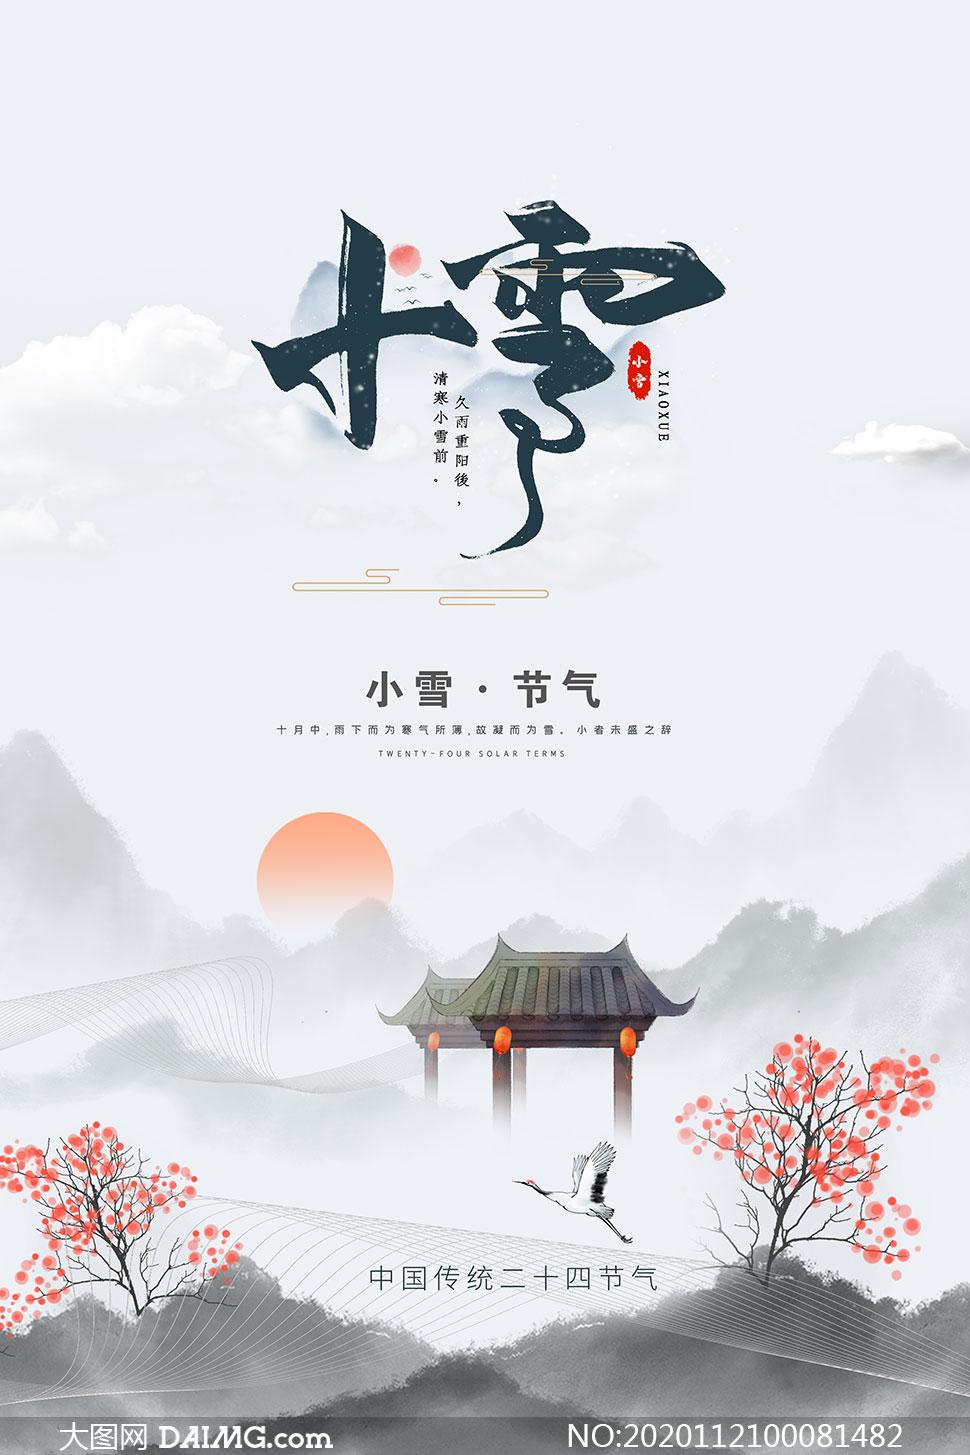 中国风小学时节海报设计PSD素材